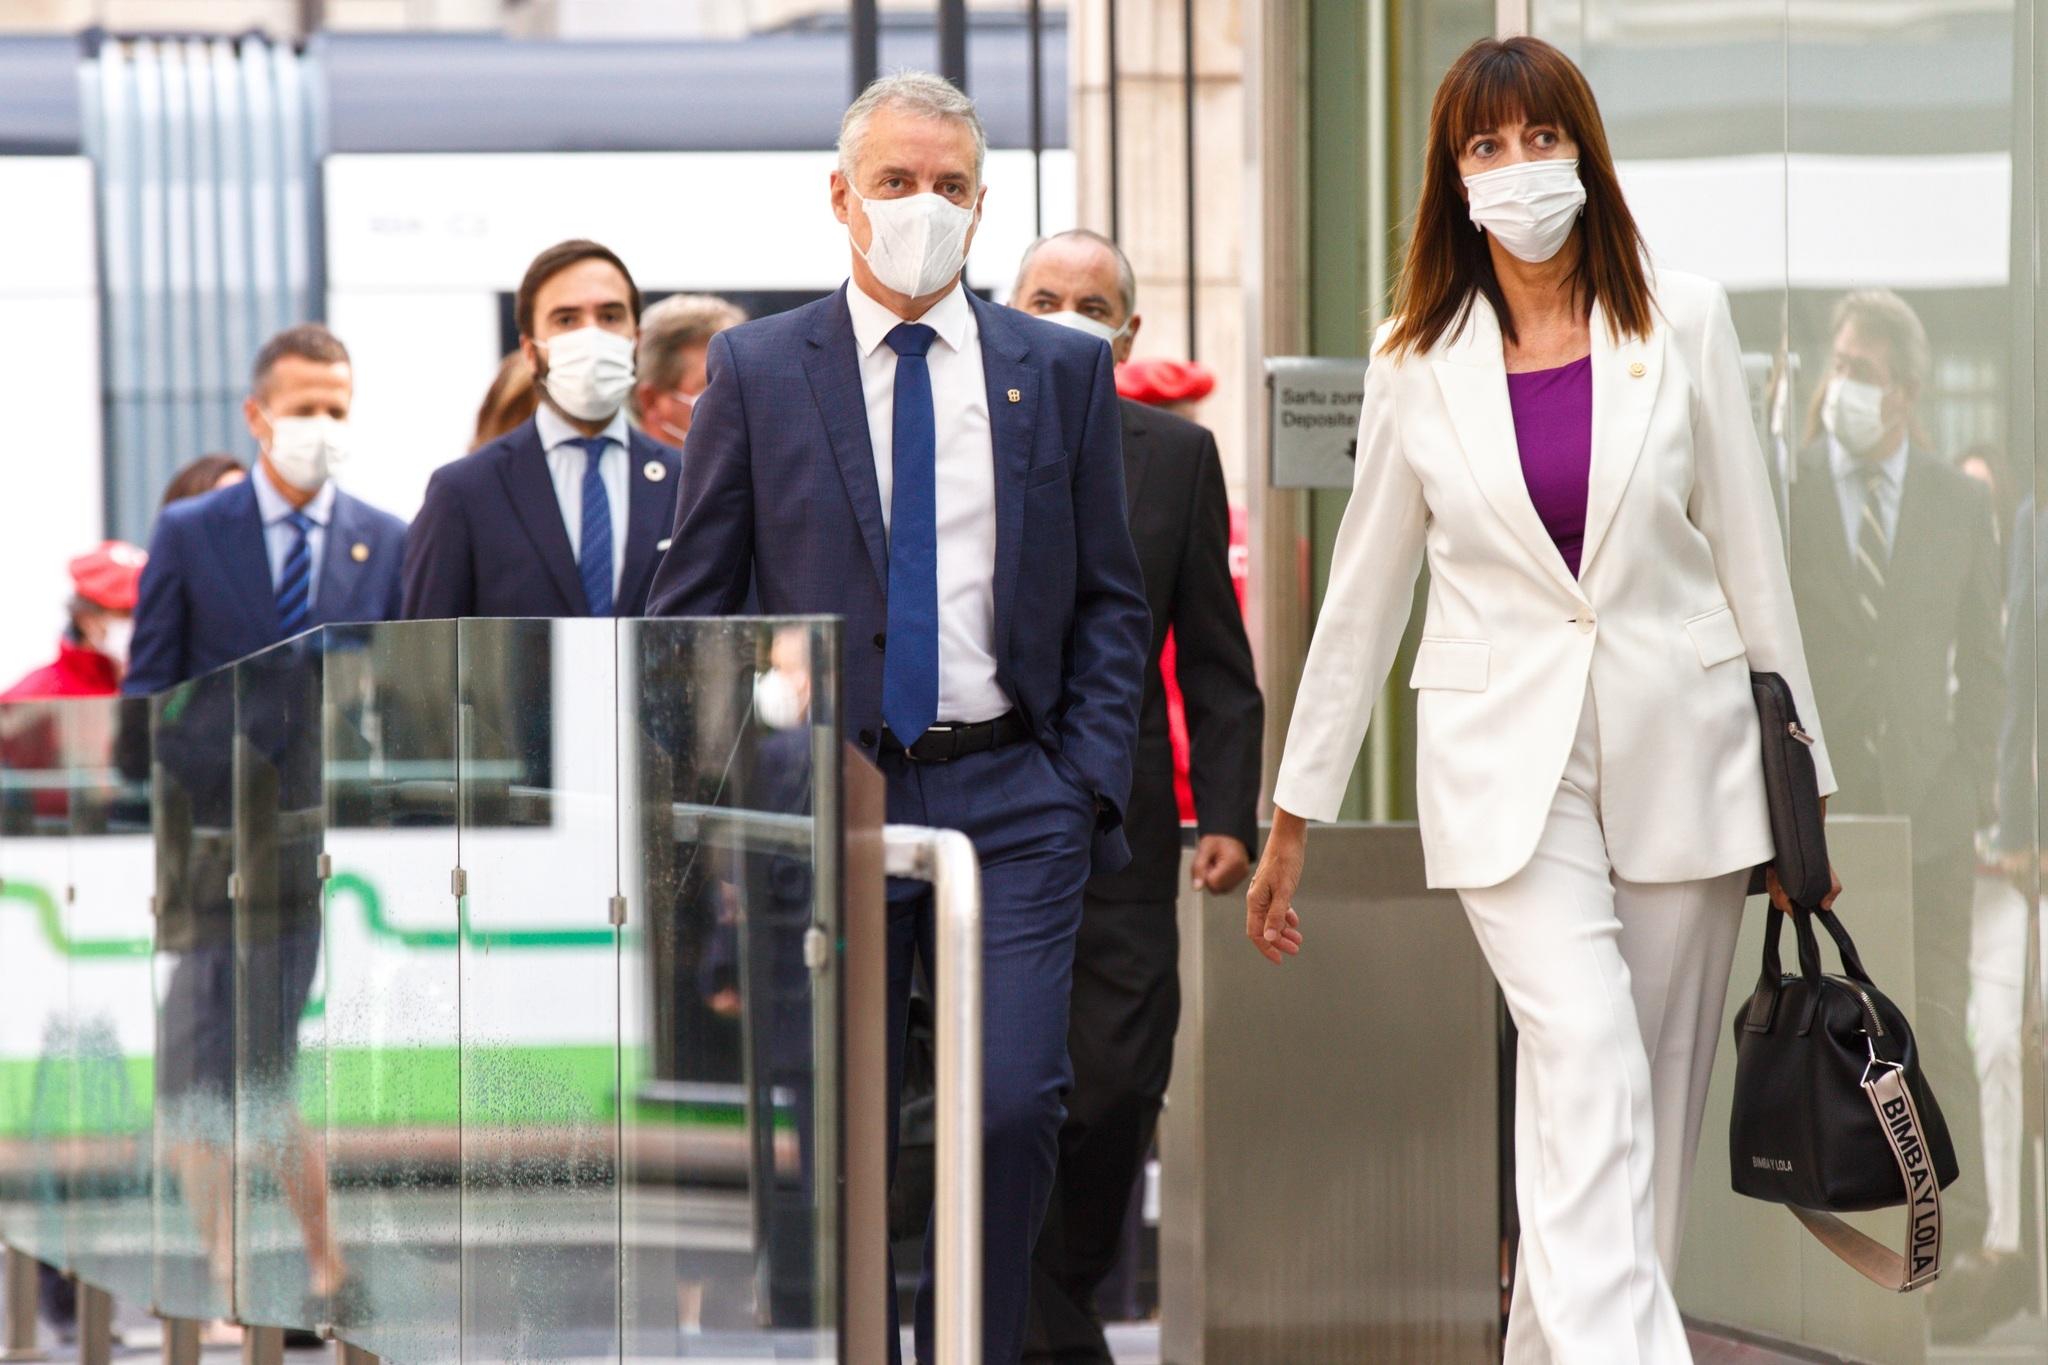 El lehendakari, Iñigo Urkullu, y la vicepresidenta, Iodia Mendia, a su llegada este jueves al pleno de Política General en el Parlamento vasco, en Vitoria.